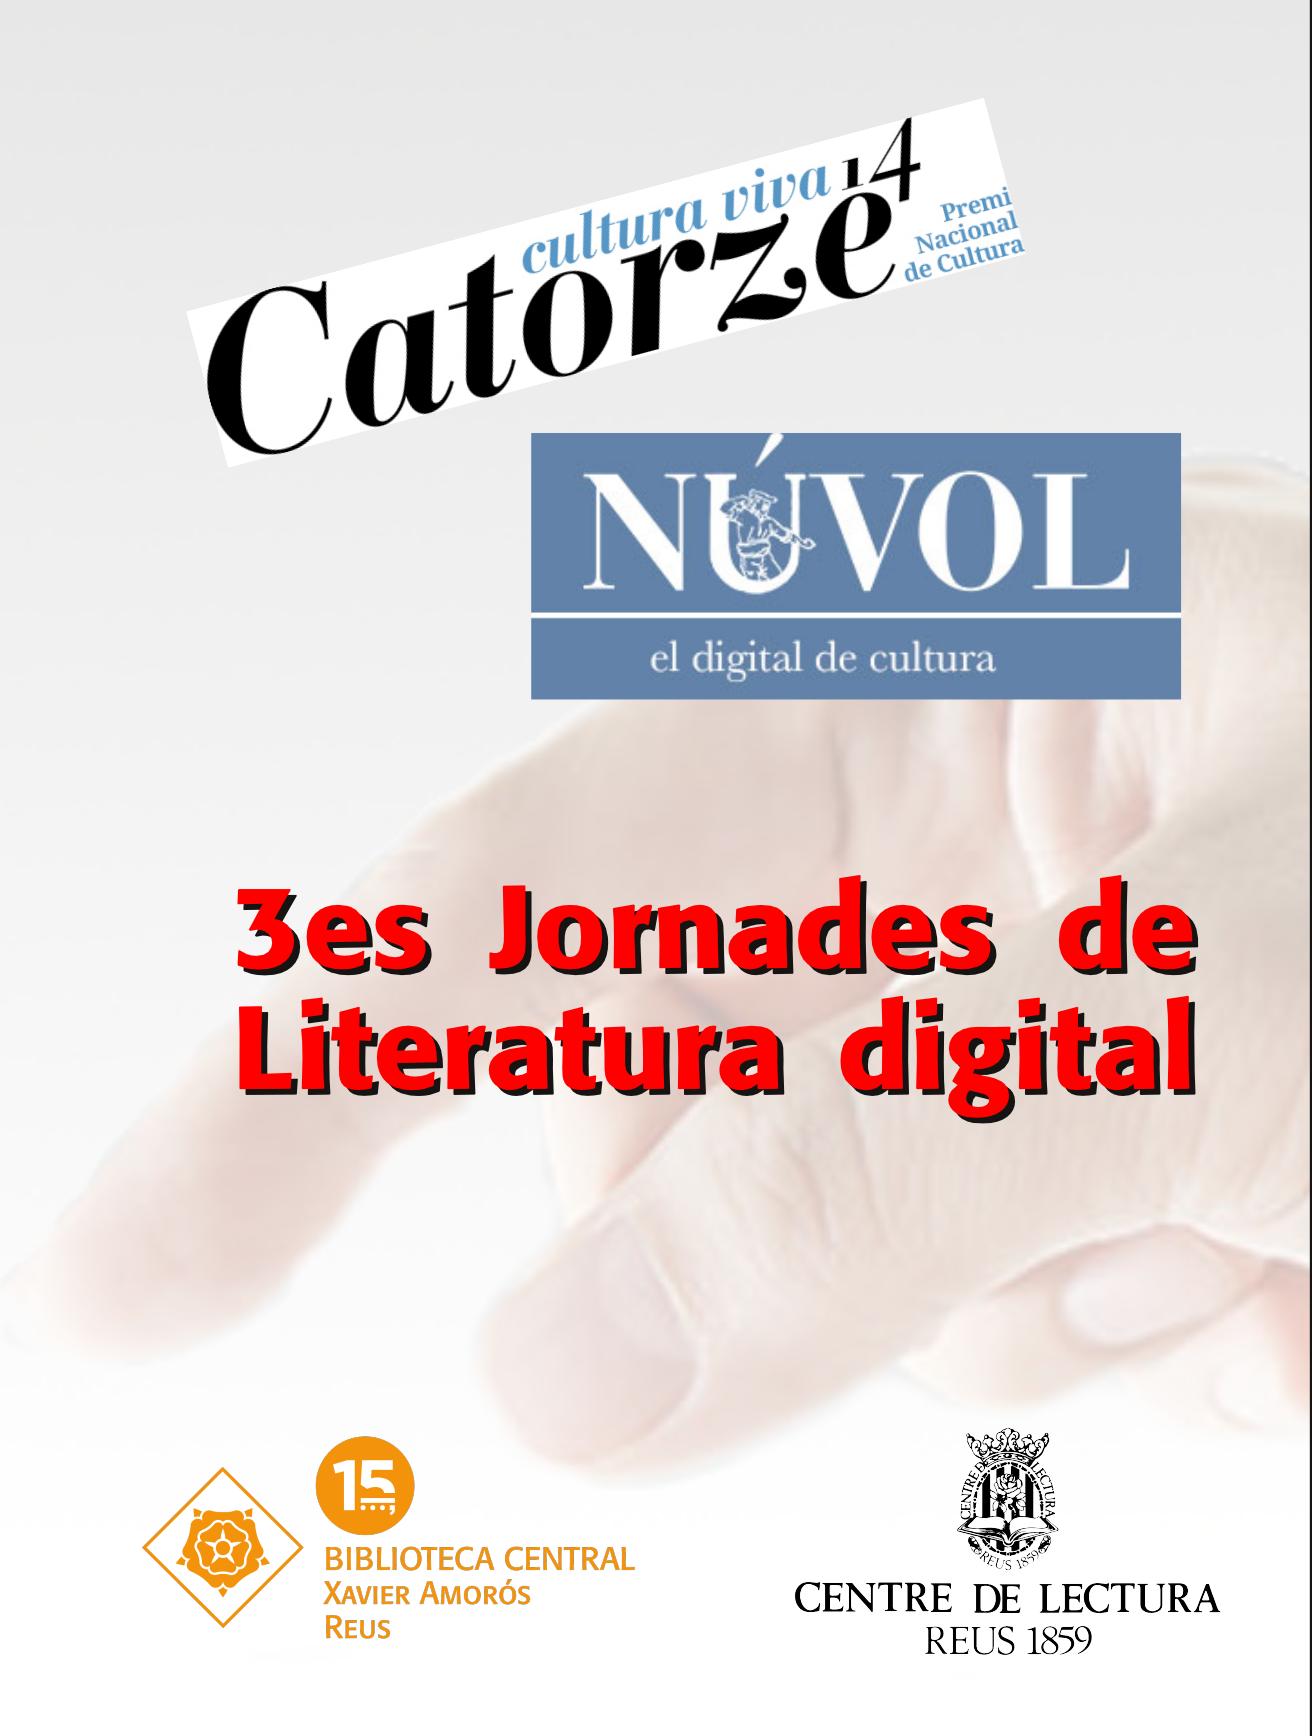 Conferència Jornades de Literatura digital